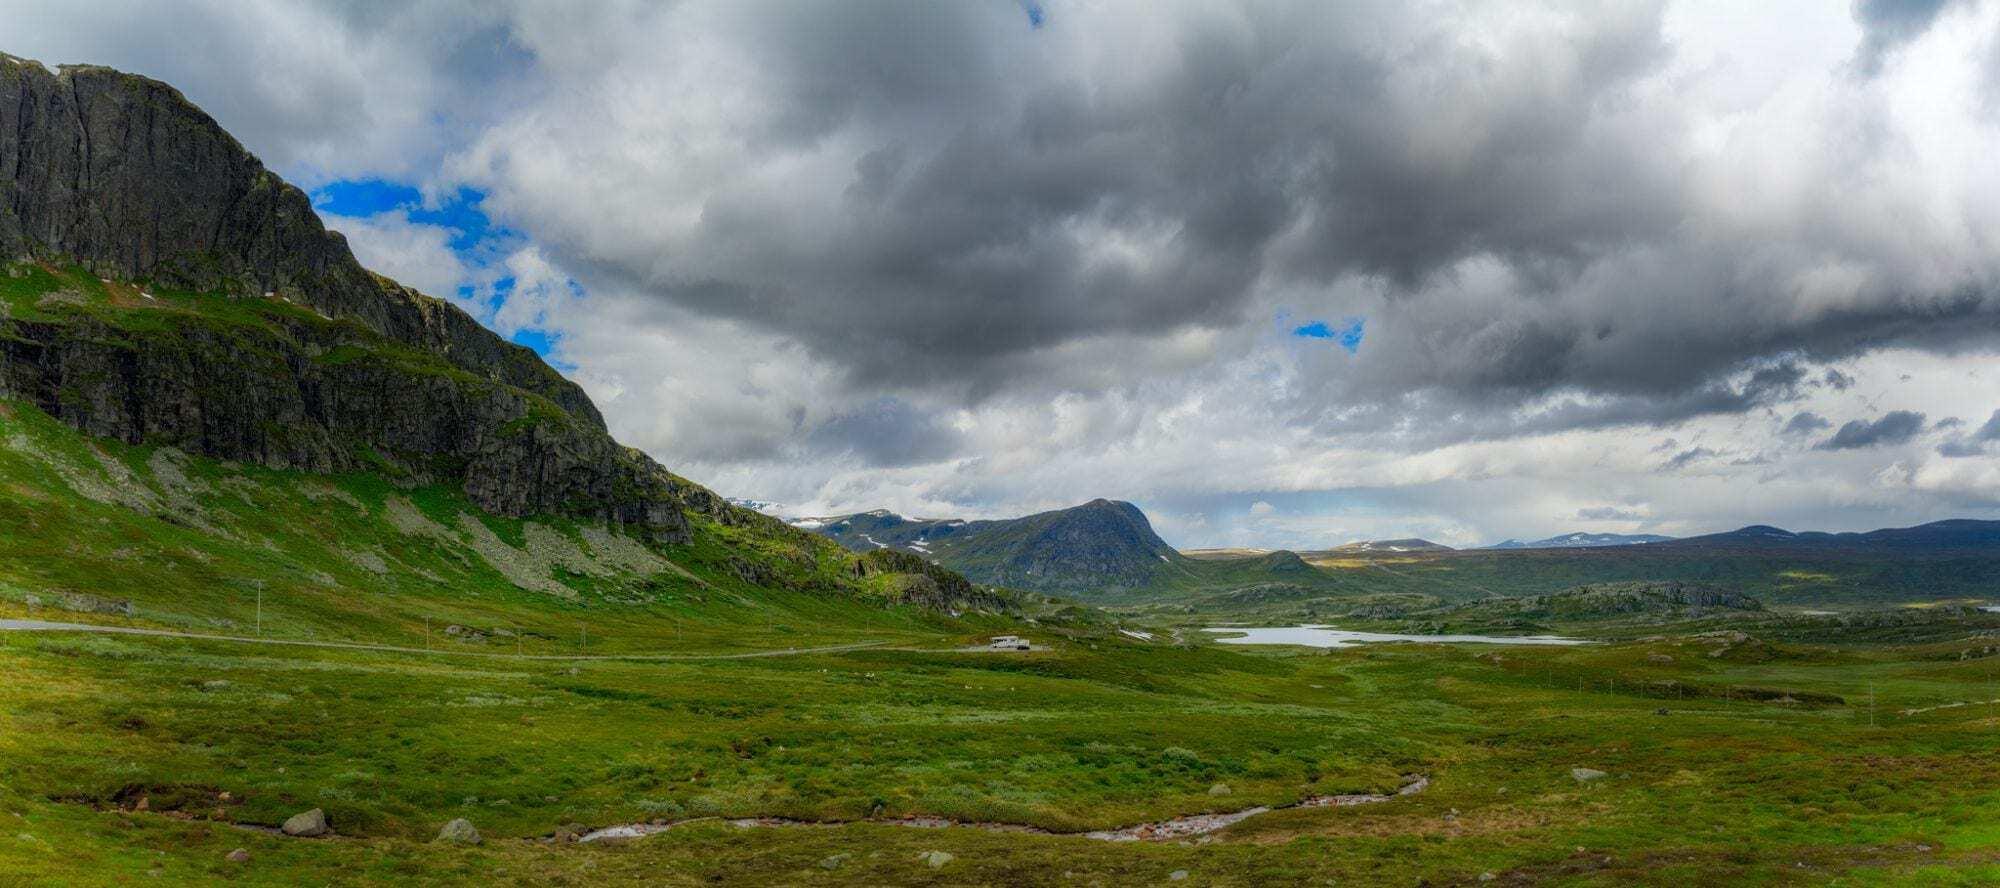 Kalfjället i Norge - Roadtrip sommaren 2015 - Ludwig Sörmlind